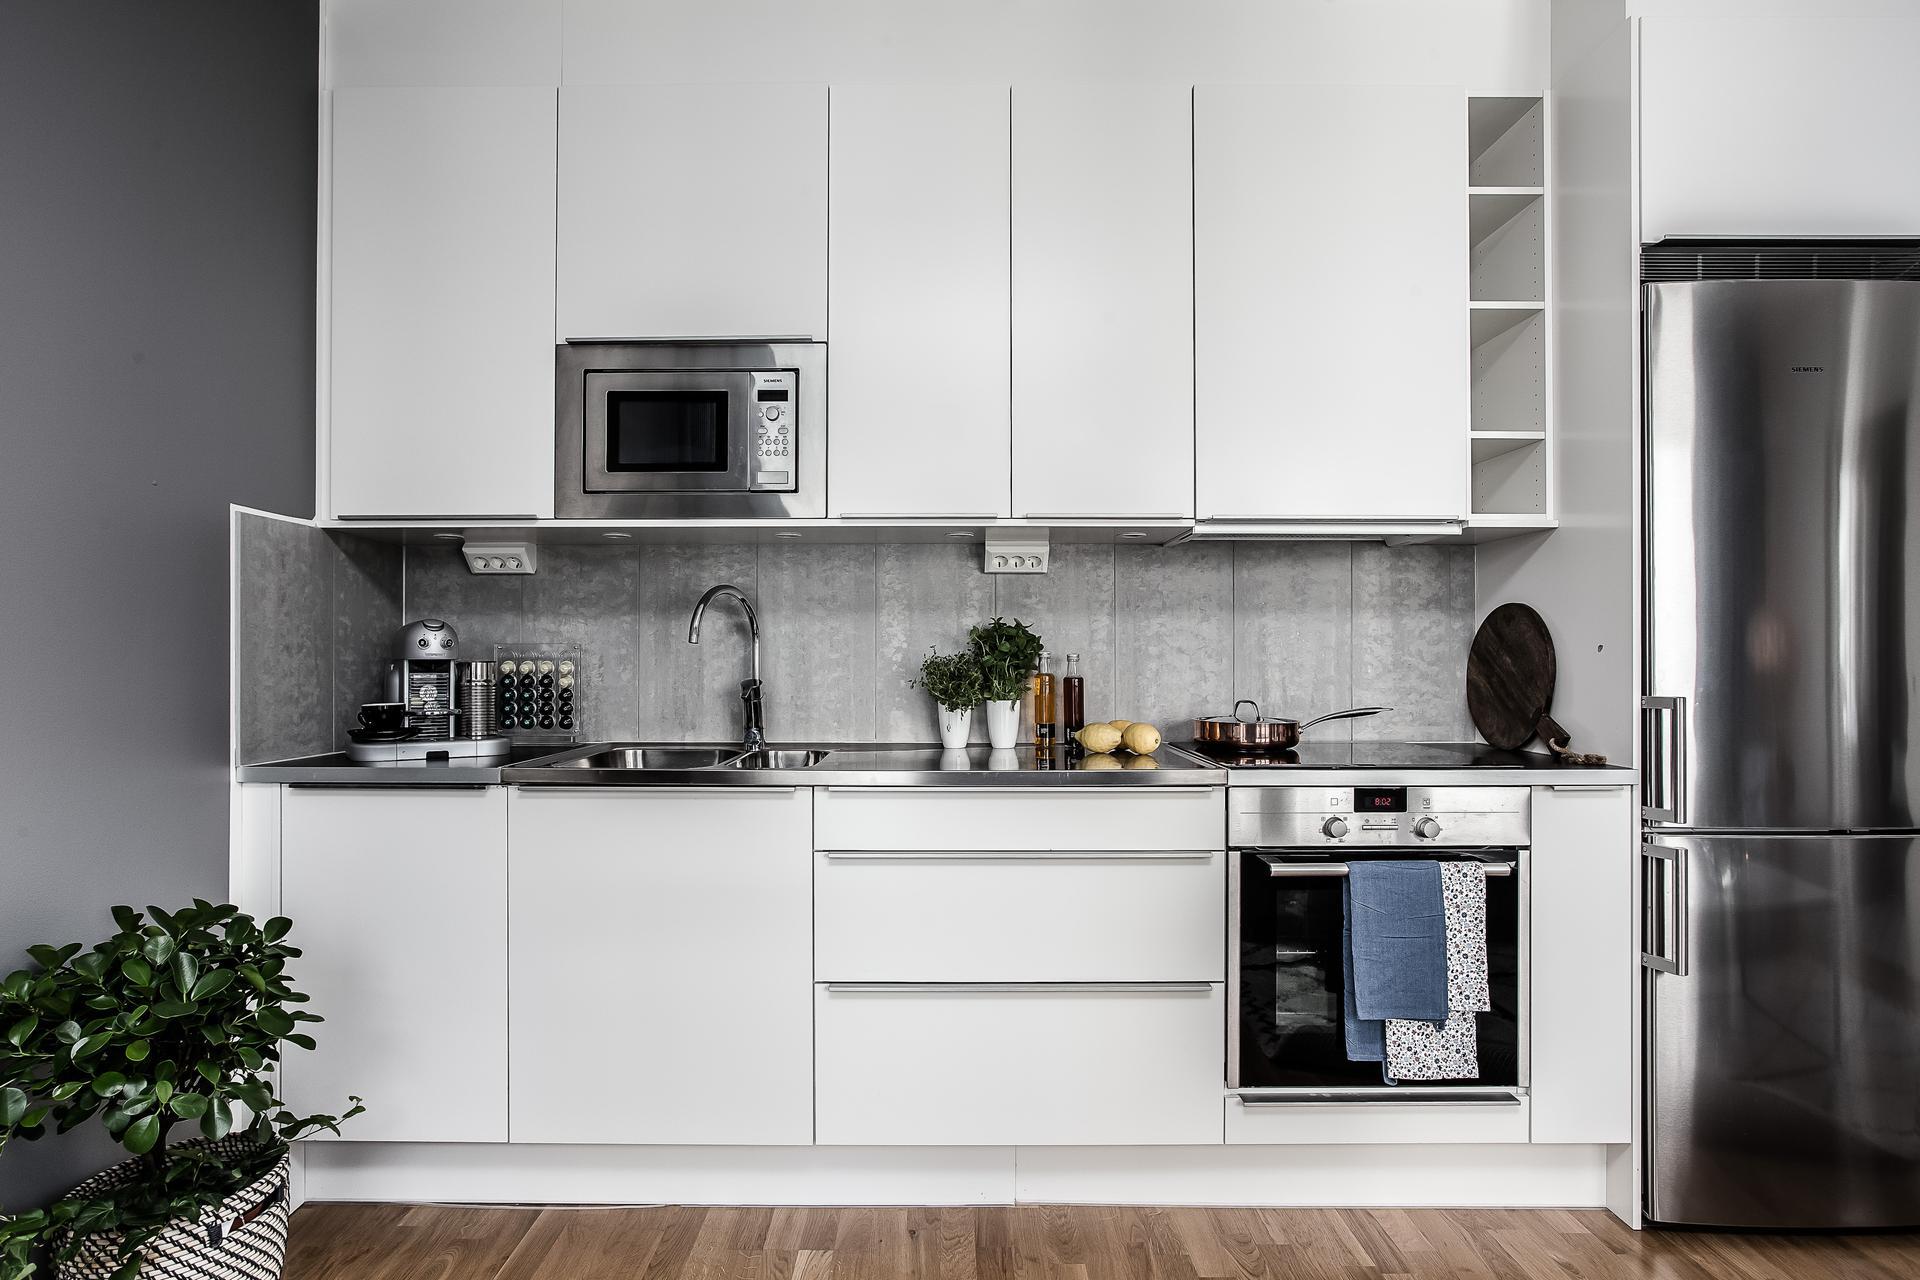 белая кухня плита встроенная вытяжка мойка смеситель микроволновая печь холодильник